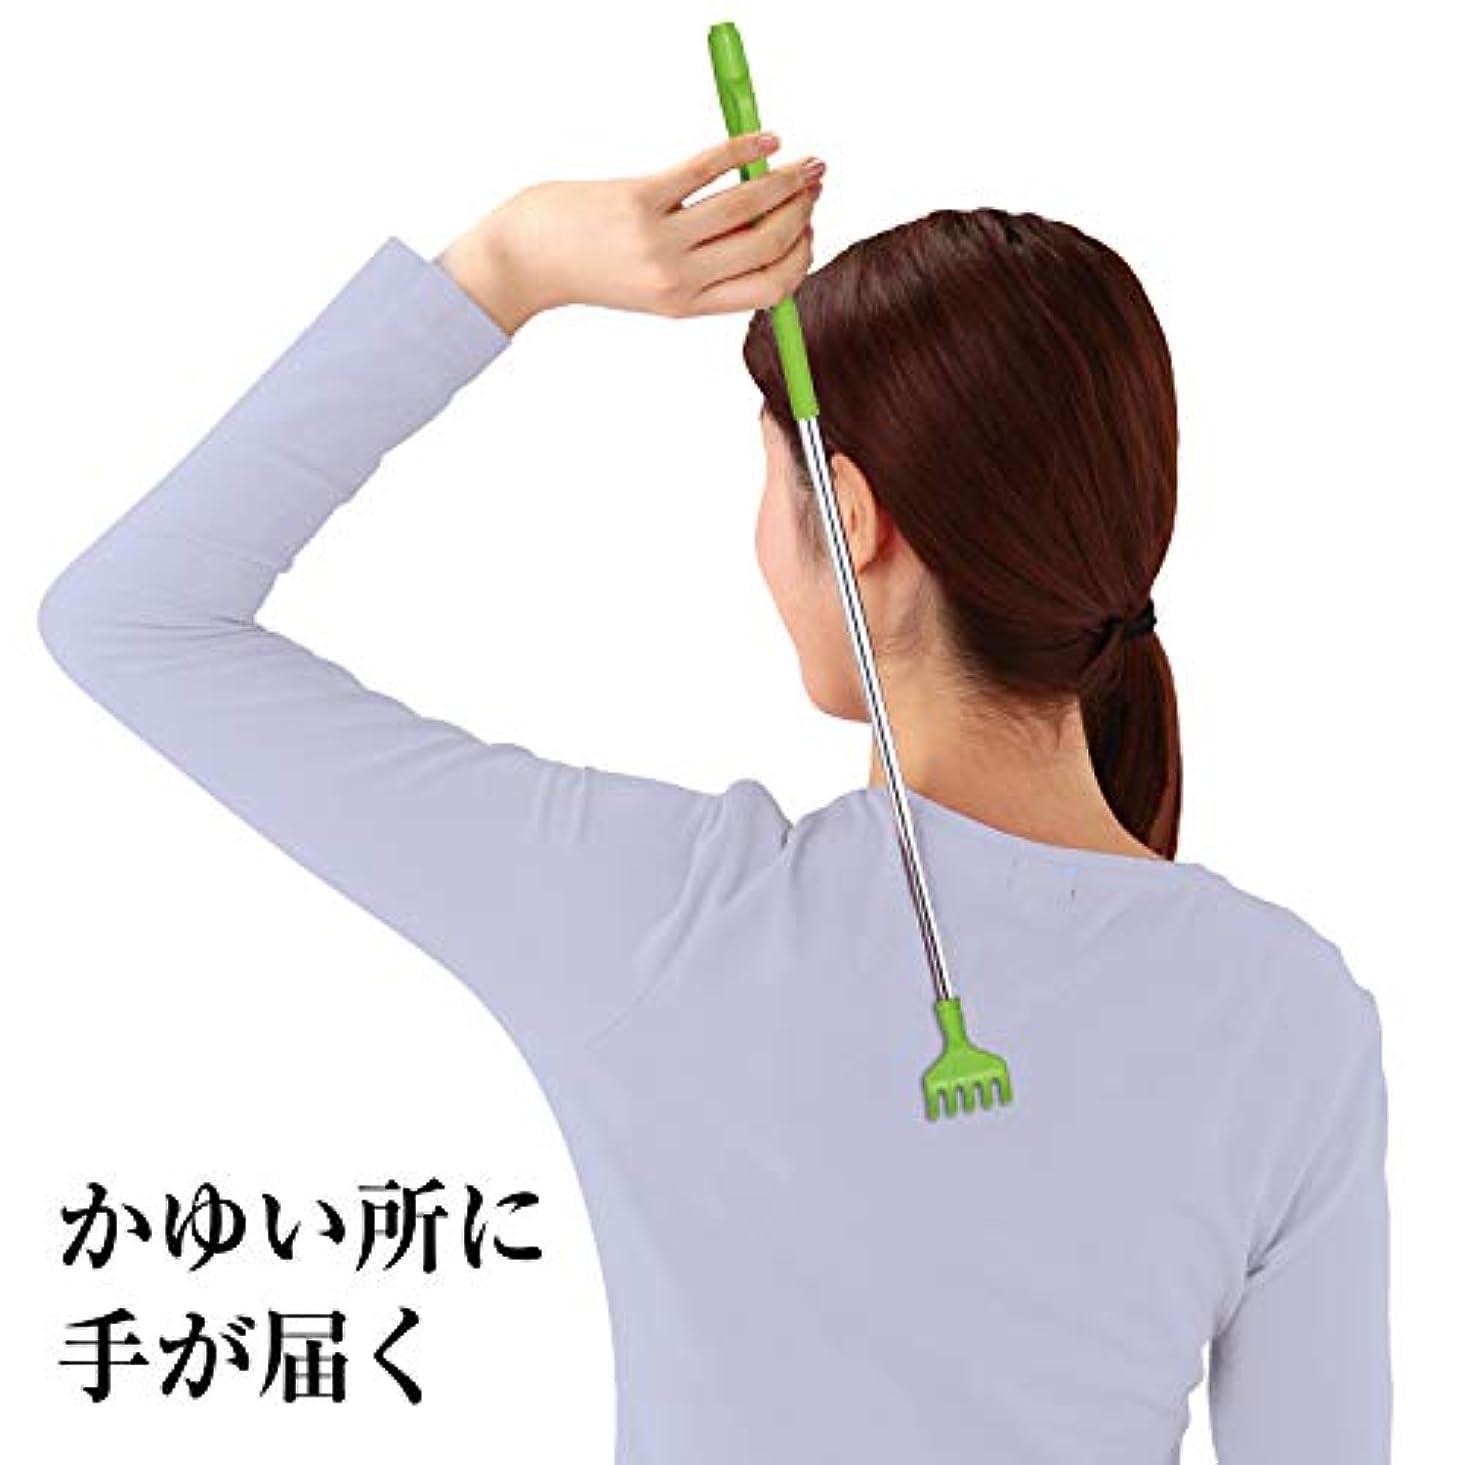 大学生から聞く特許ファイン カラフルまごの手 グリーン 伸縮自在 携帯便利 小型 FIN-650GR